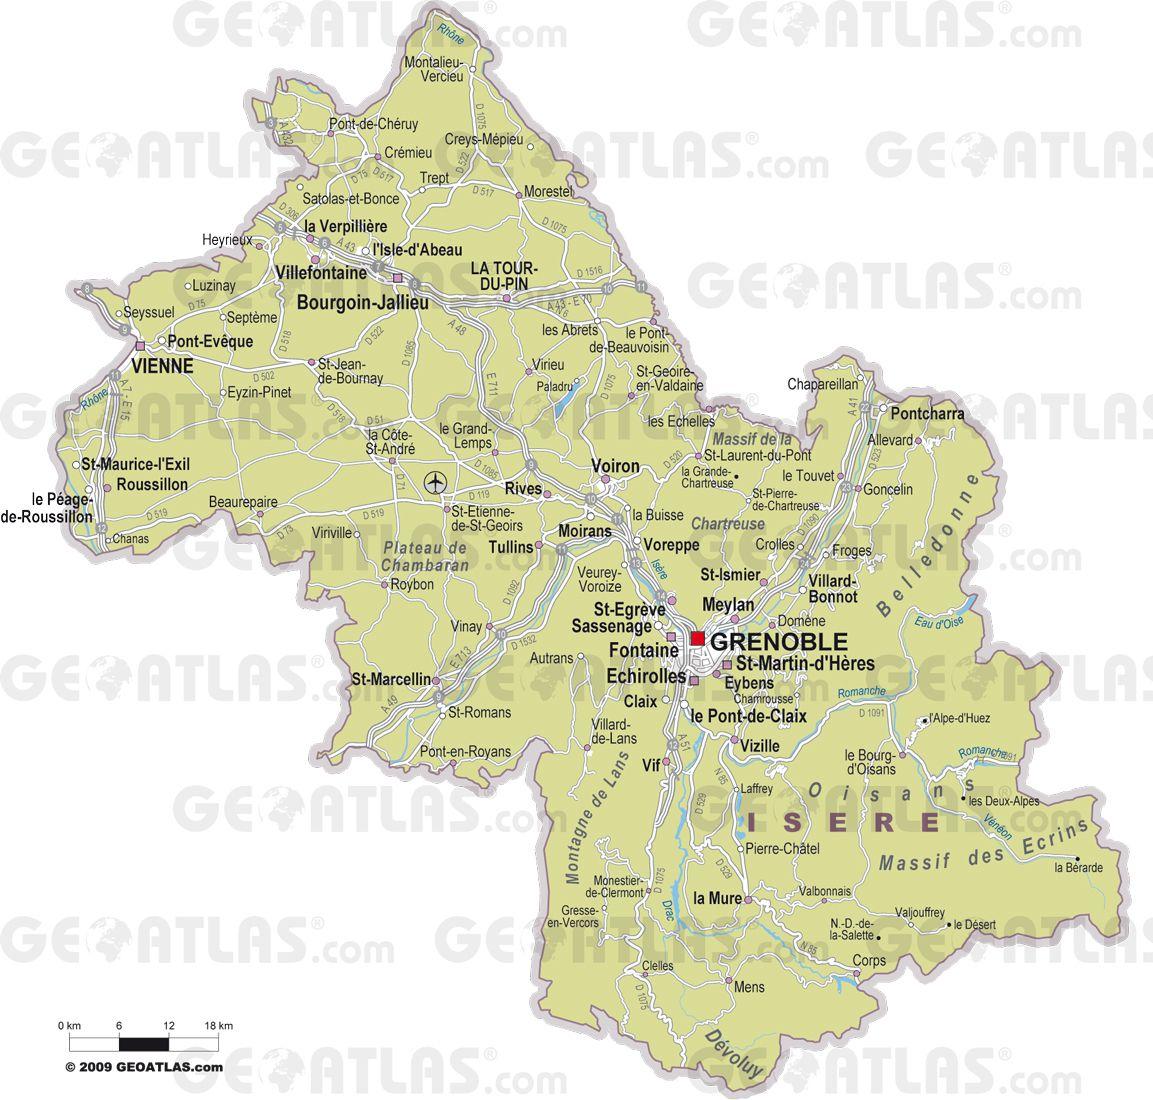 Carte des villes de l'Isère